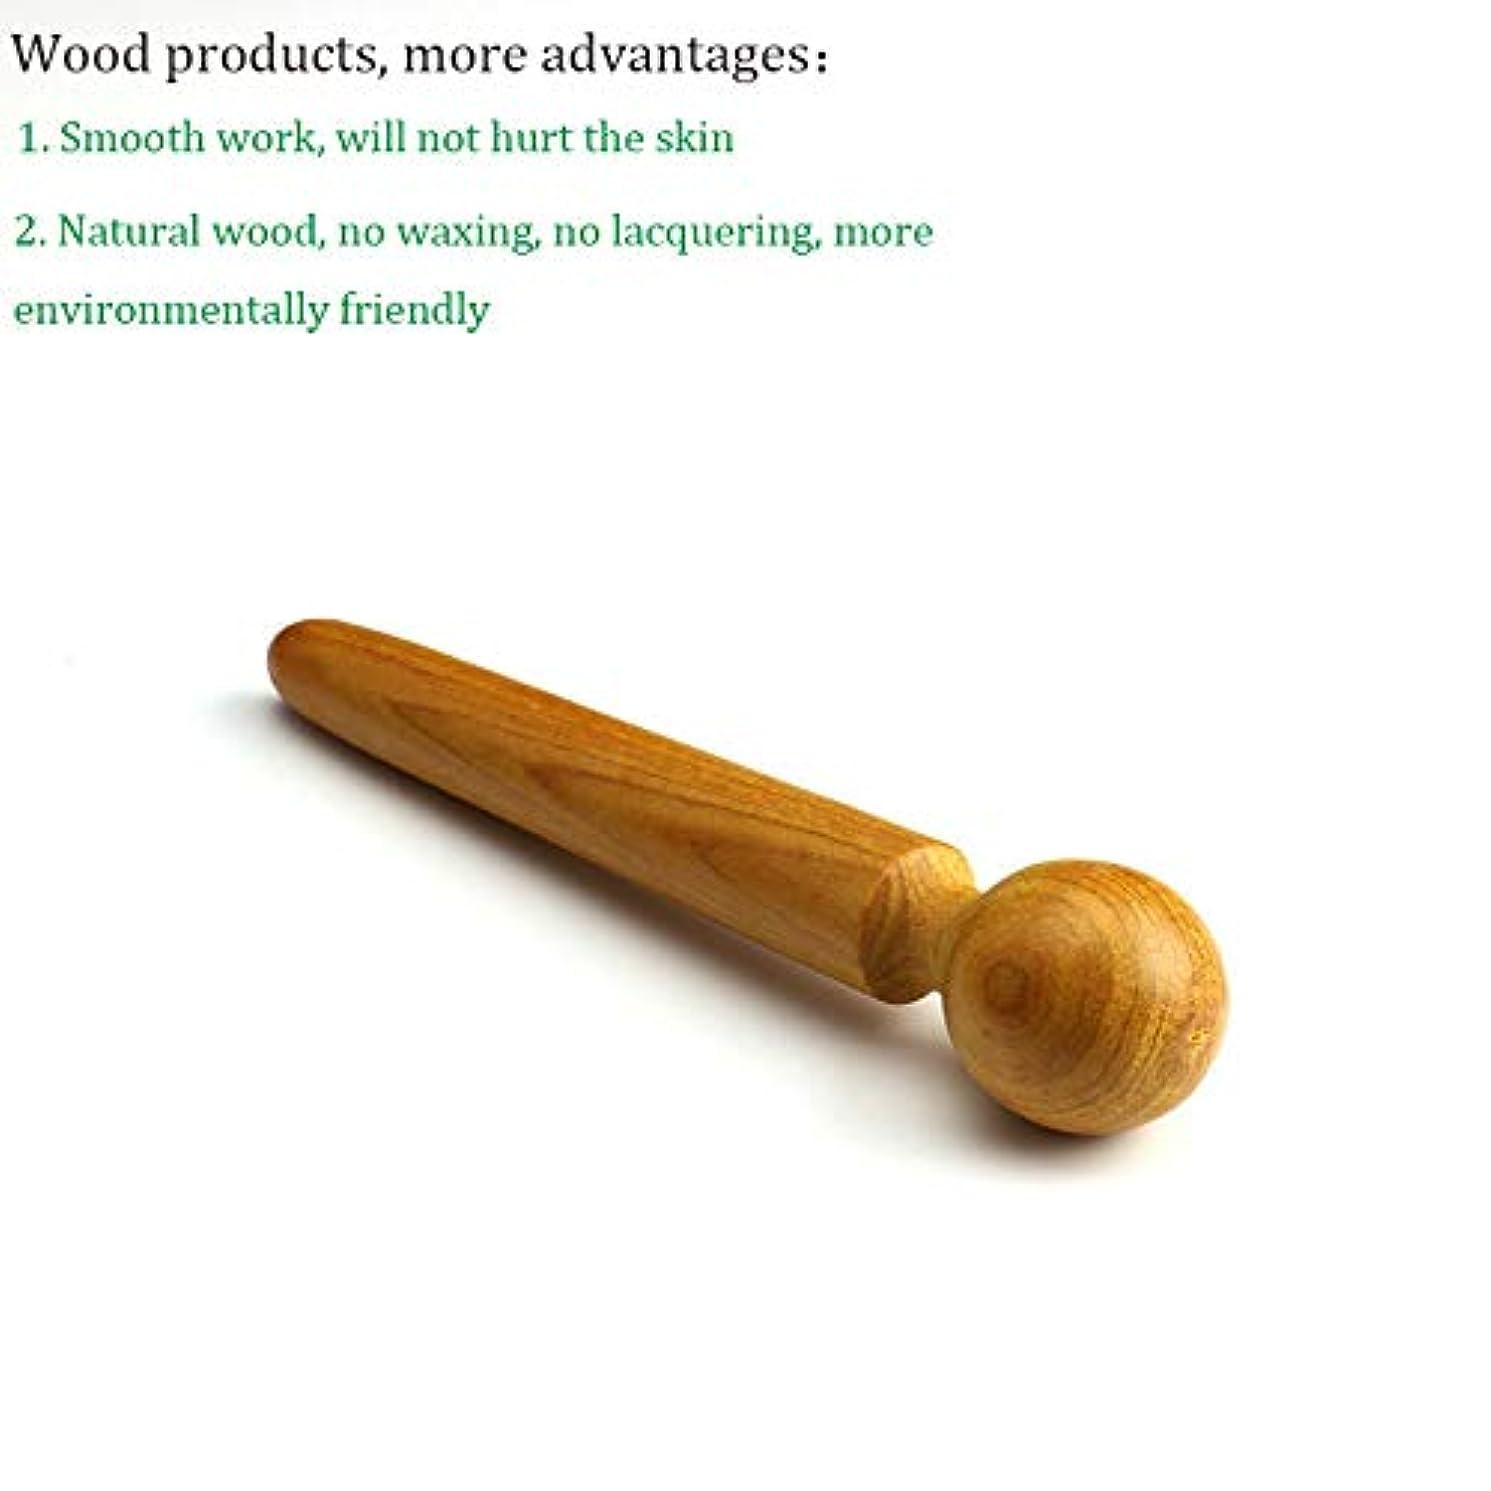 ヘッドレス石鹸信頼性のあるDC 木製マッサージャー 木製フットポイントスティック 鍼治療ポイントロッドSPAボディフットマッサージツール 疲労緩和